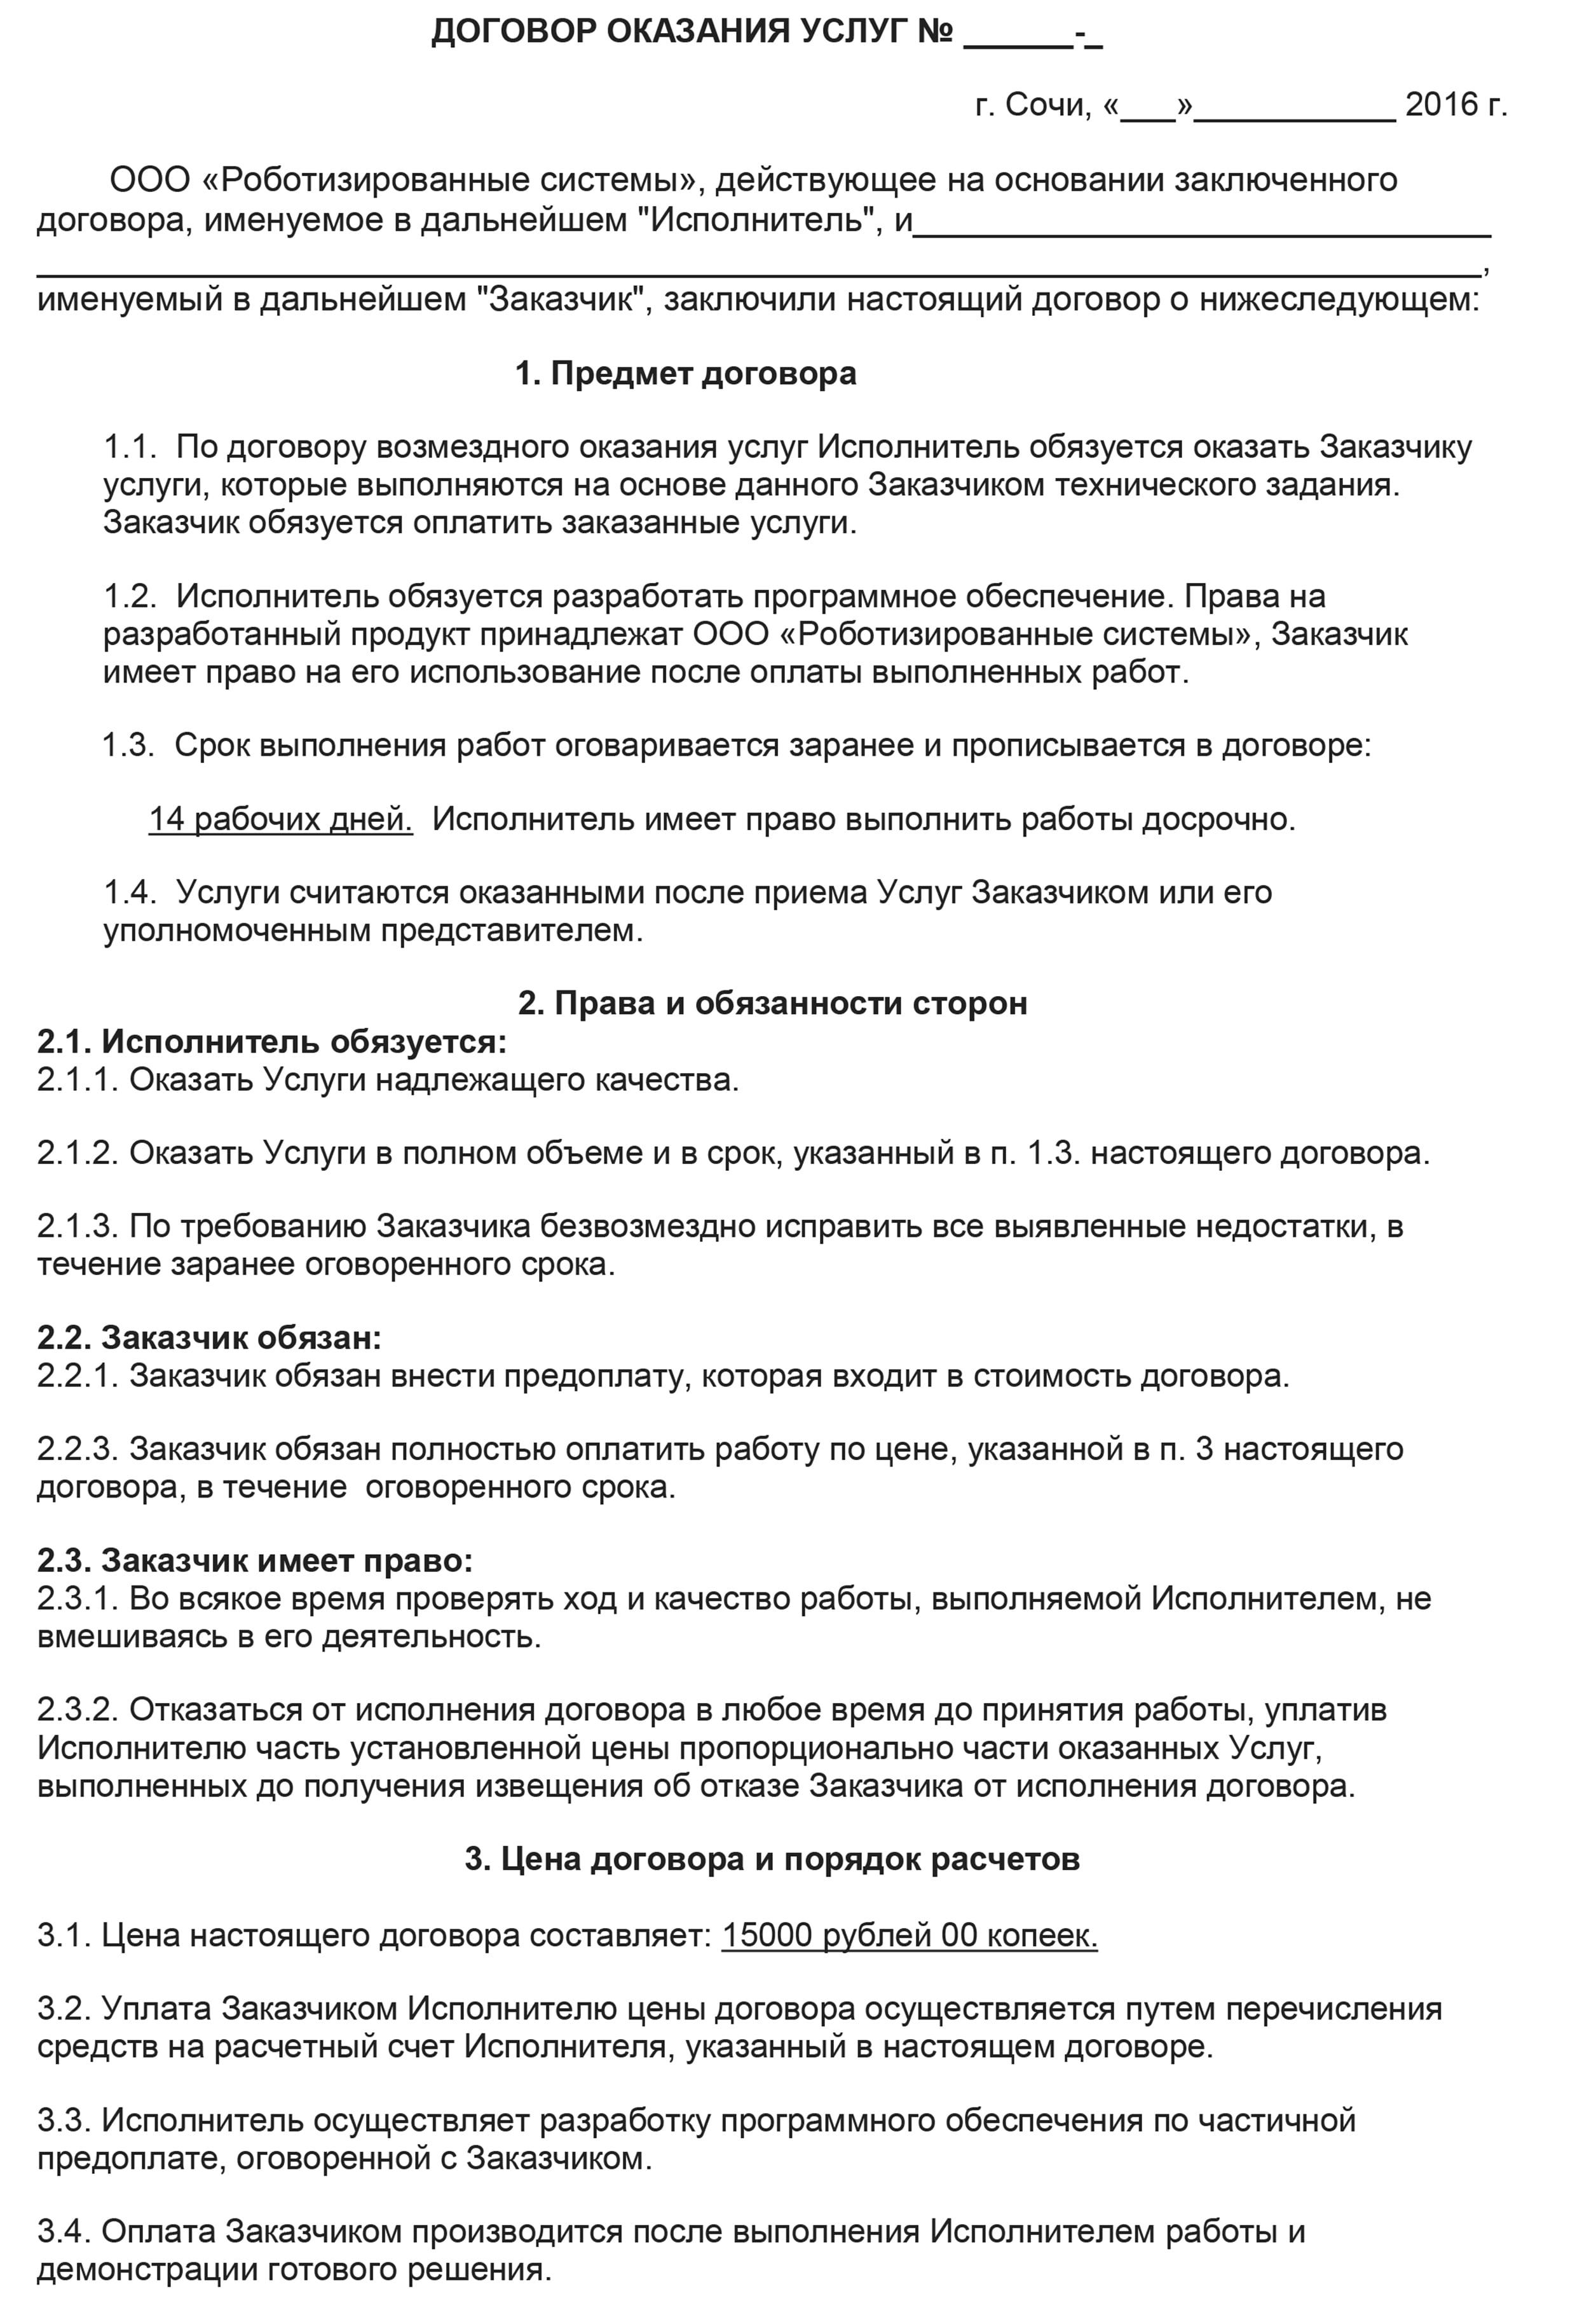 Site- uri de tranzacționare a opțiunilor în limba rusă